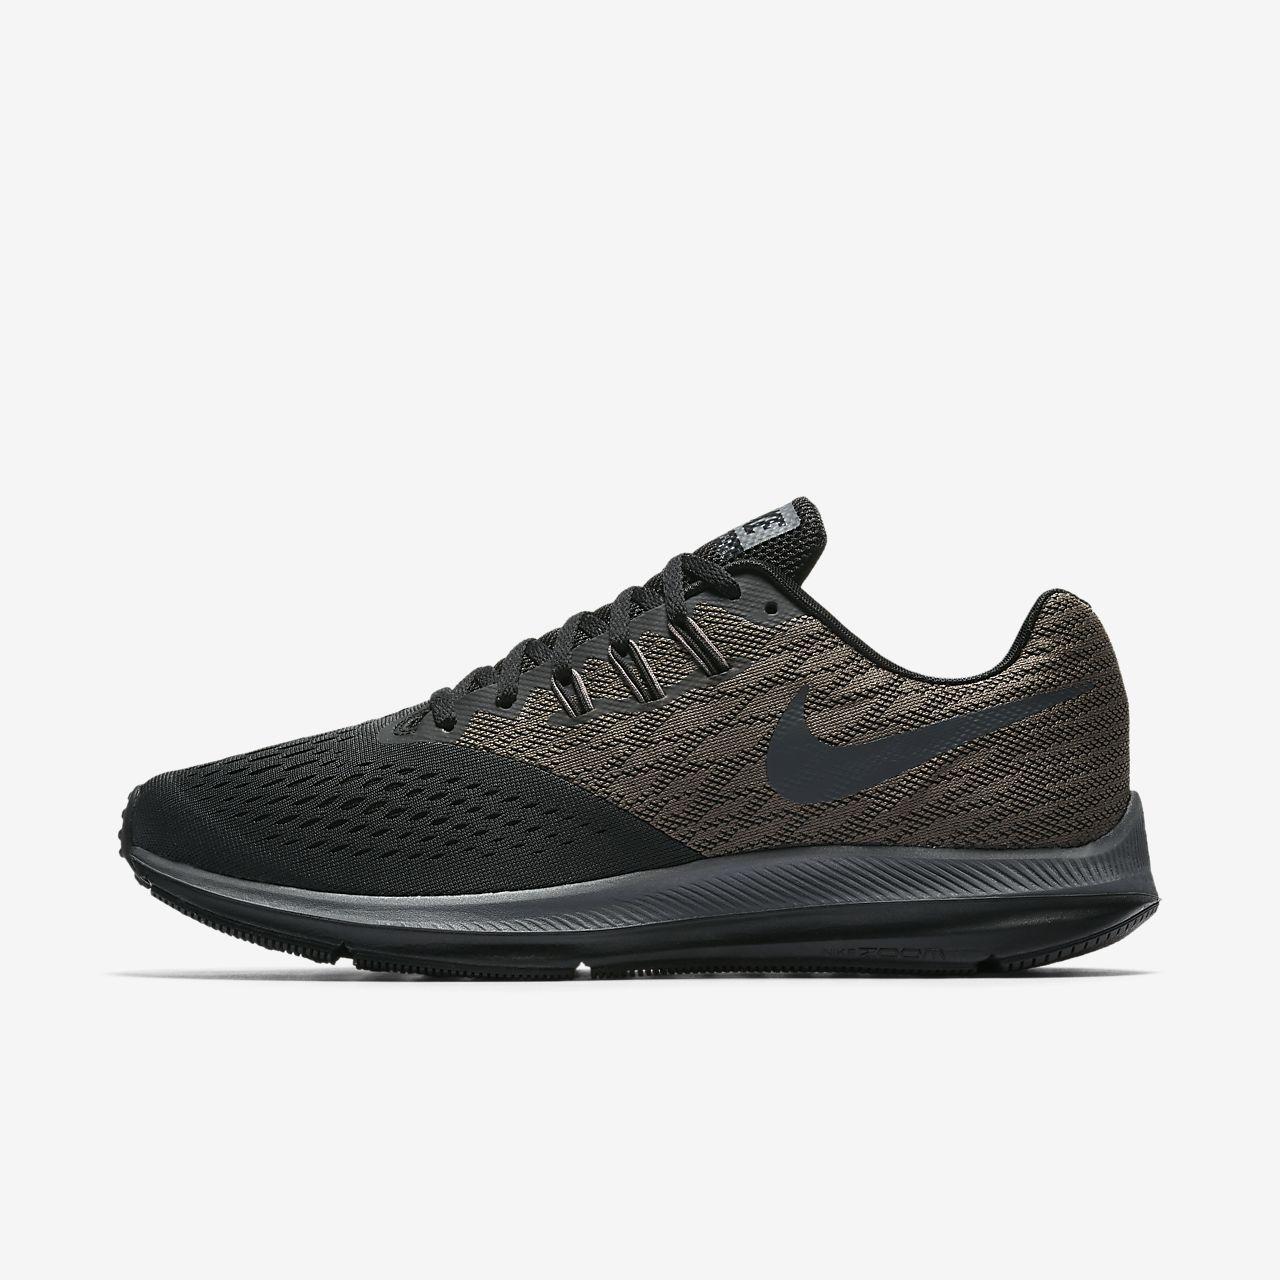 429518ed29356 Calzado de running para hombre Nike Zoom Winflo 4. Nike.com CL